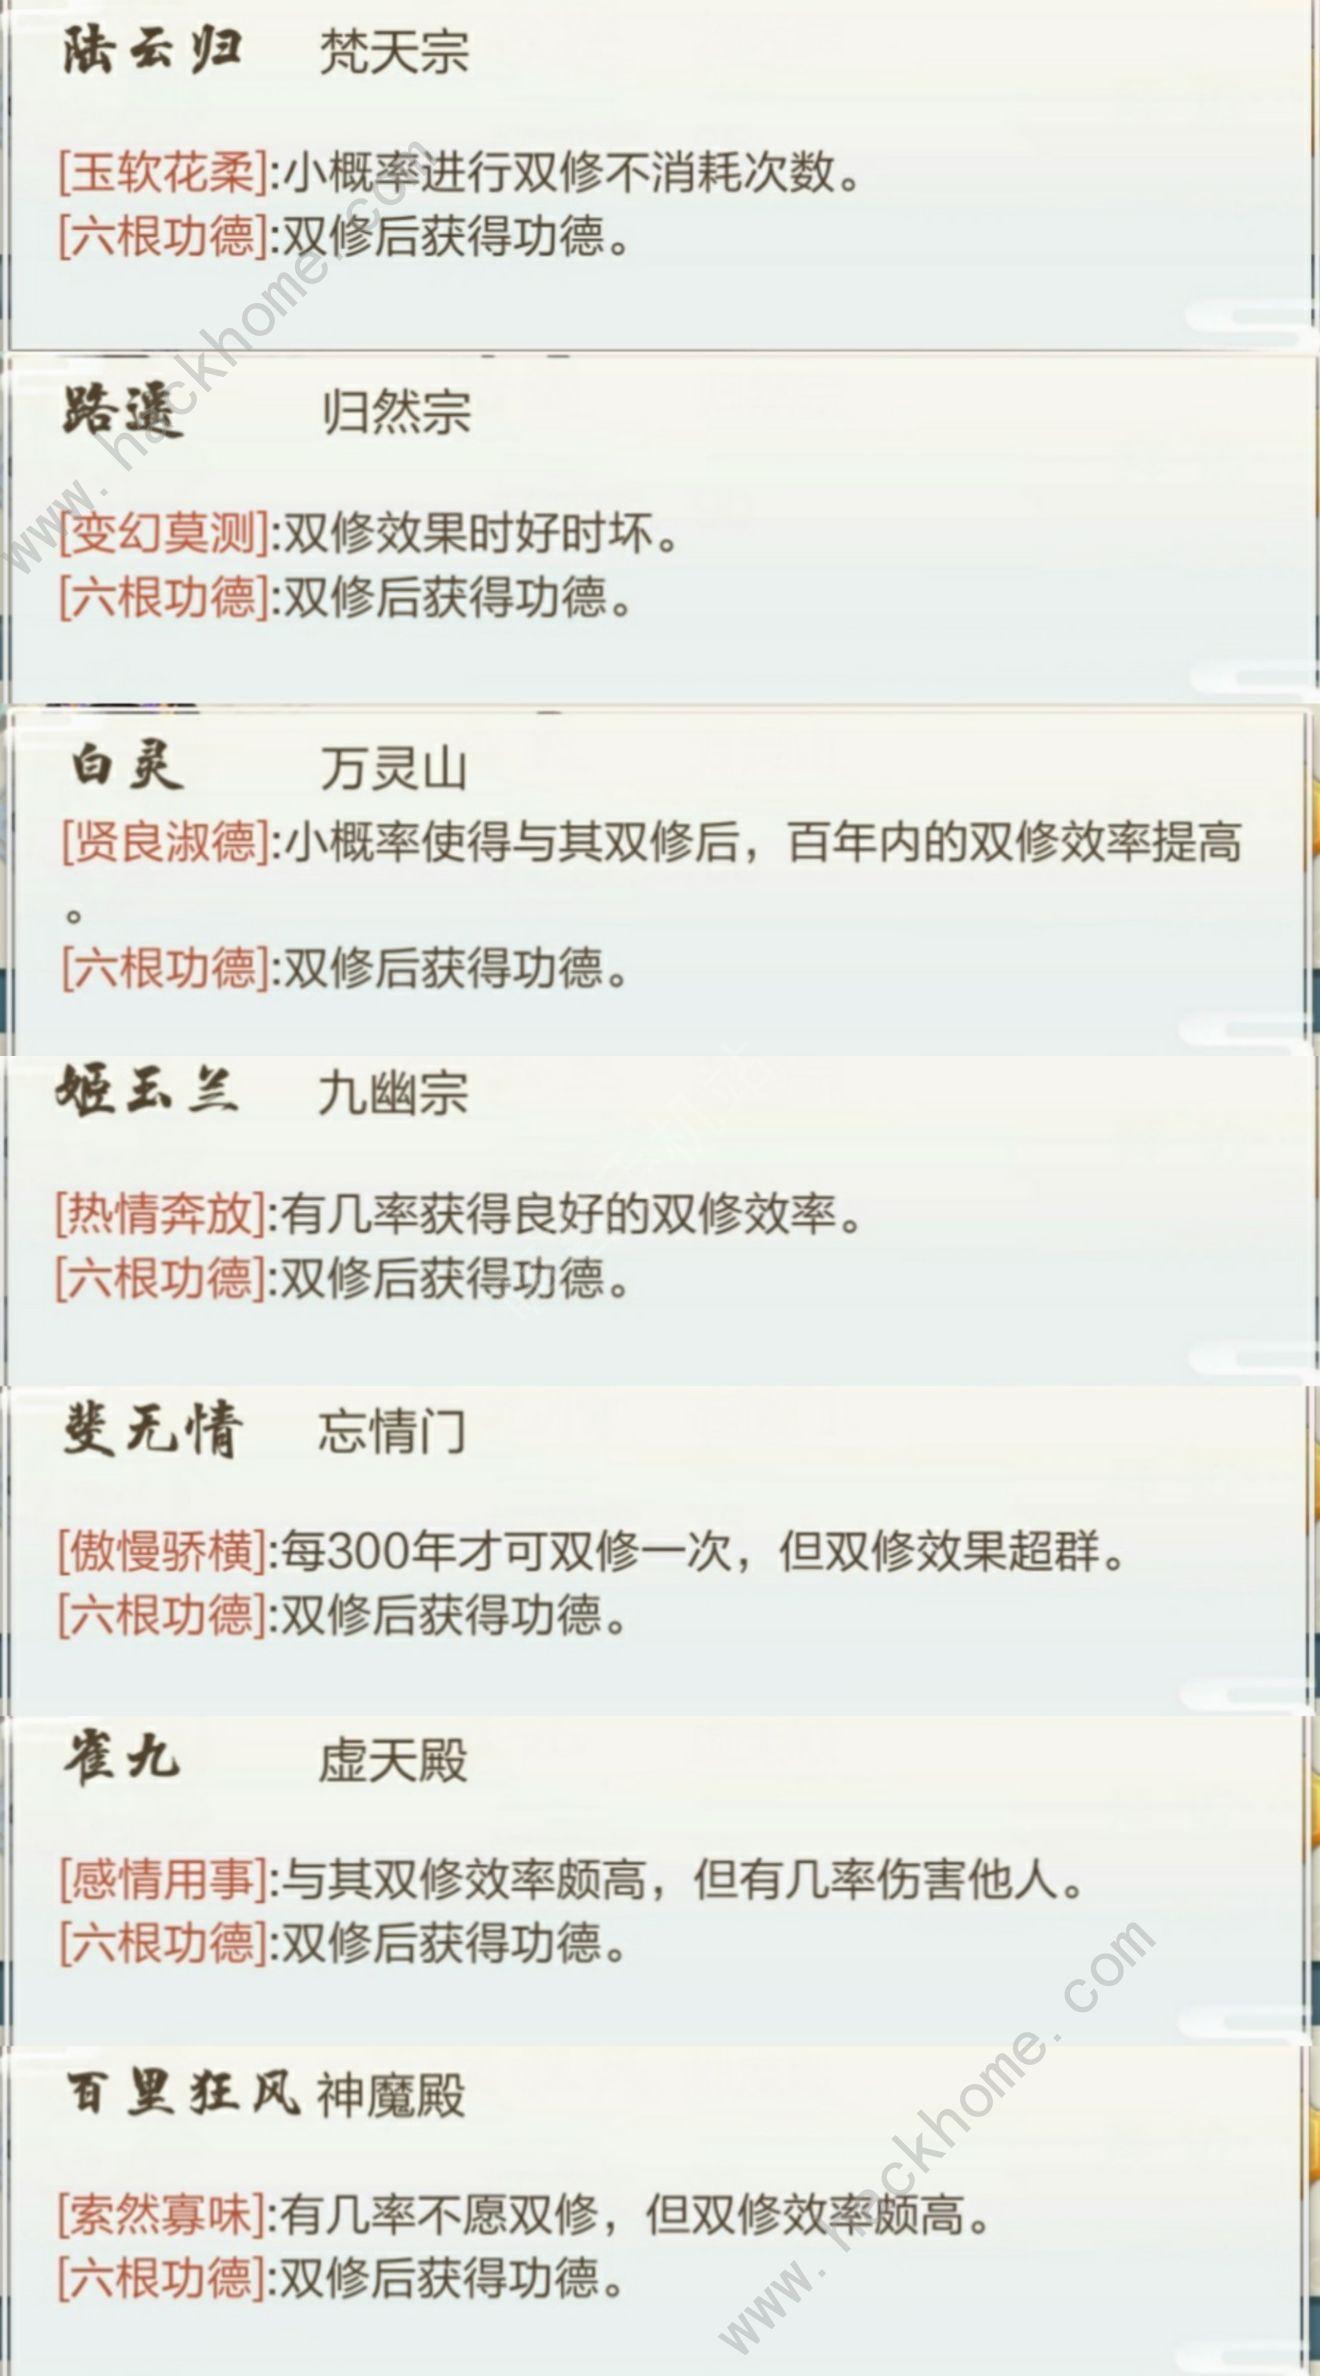 玄元剑仙道侣属性攻略大全 道侣好感度选择推荐[视频][多图]图片3